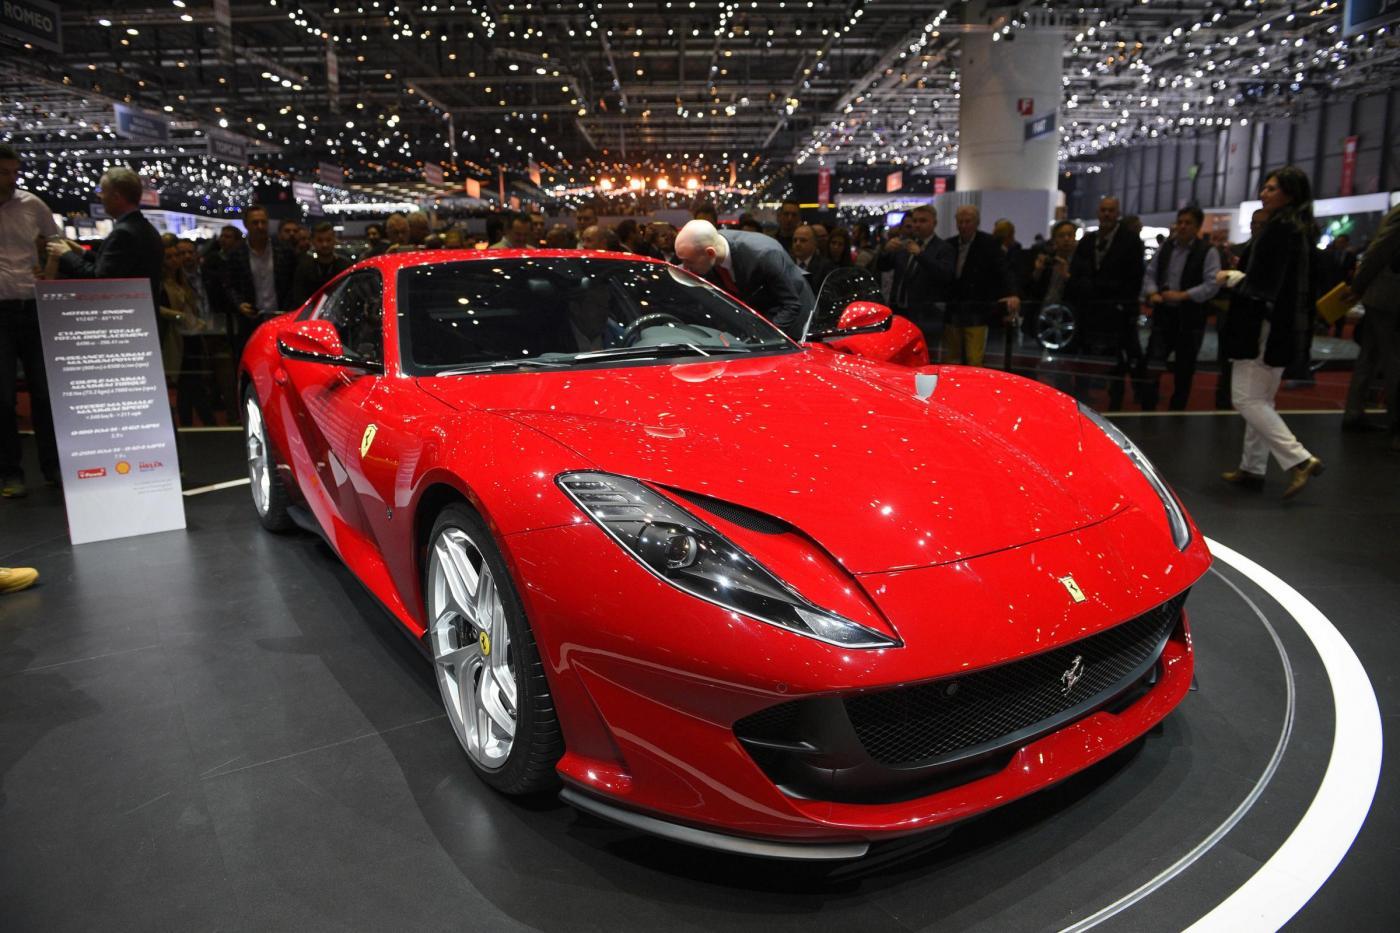 Salone dell'automobile di Ginevra